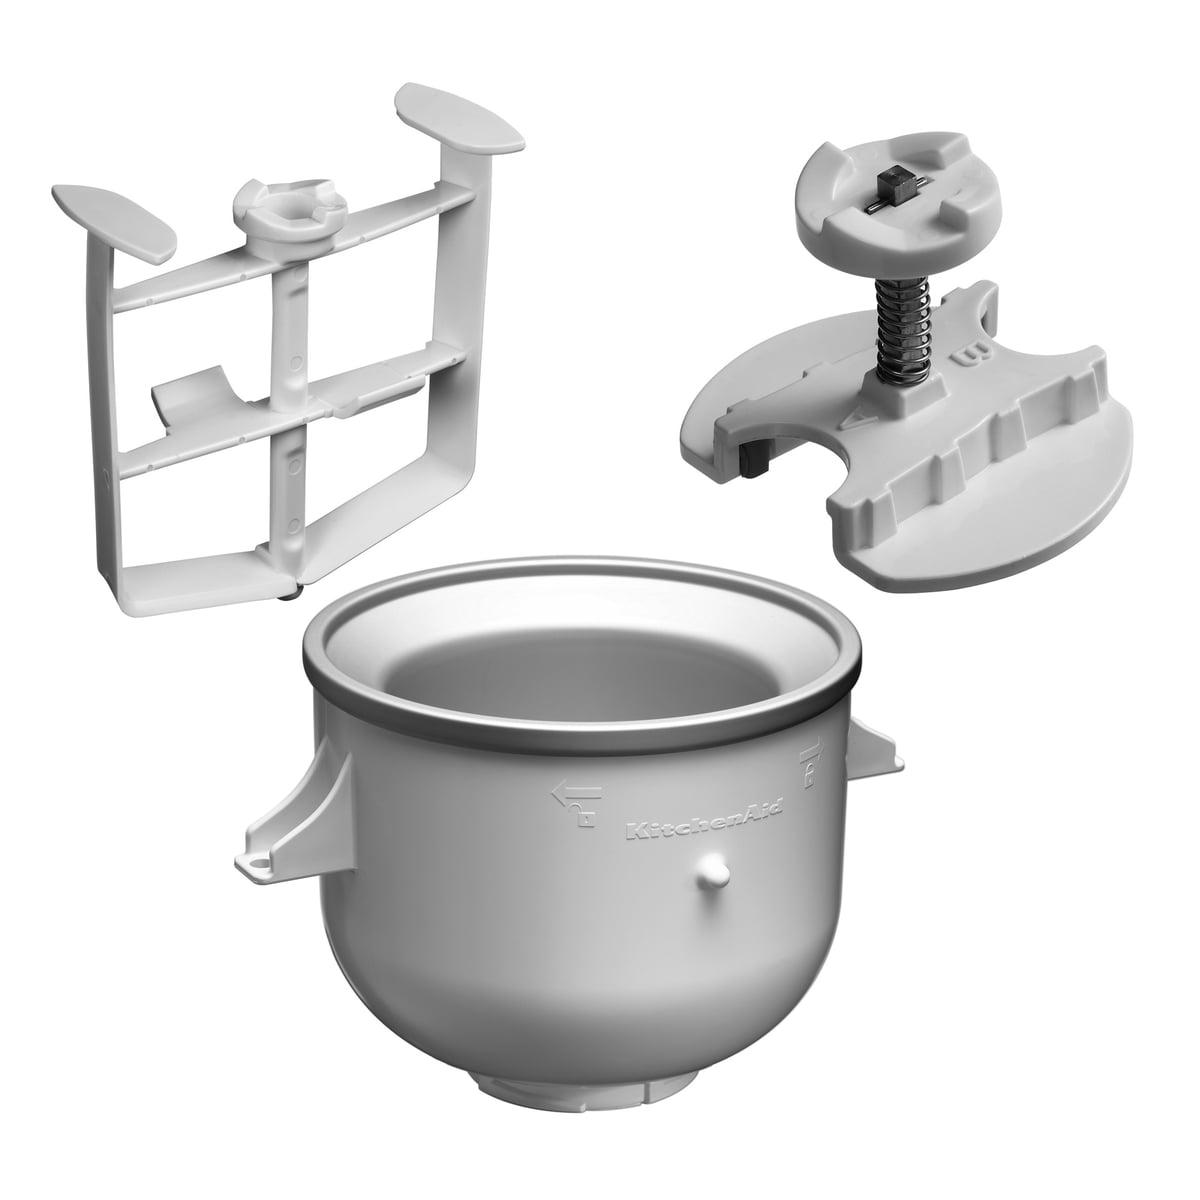 Kitchen Aid KitchenAid - Speiseeisbereiter für Artisan-Küchenmaschine   Küche und Esszimmer > Küchengeräte > Rührgeräte und Mixer   Weiß   Doppelwandig   Kitchen Aid